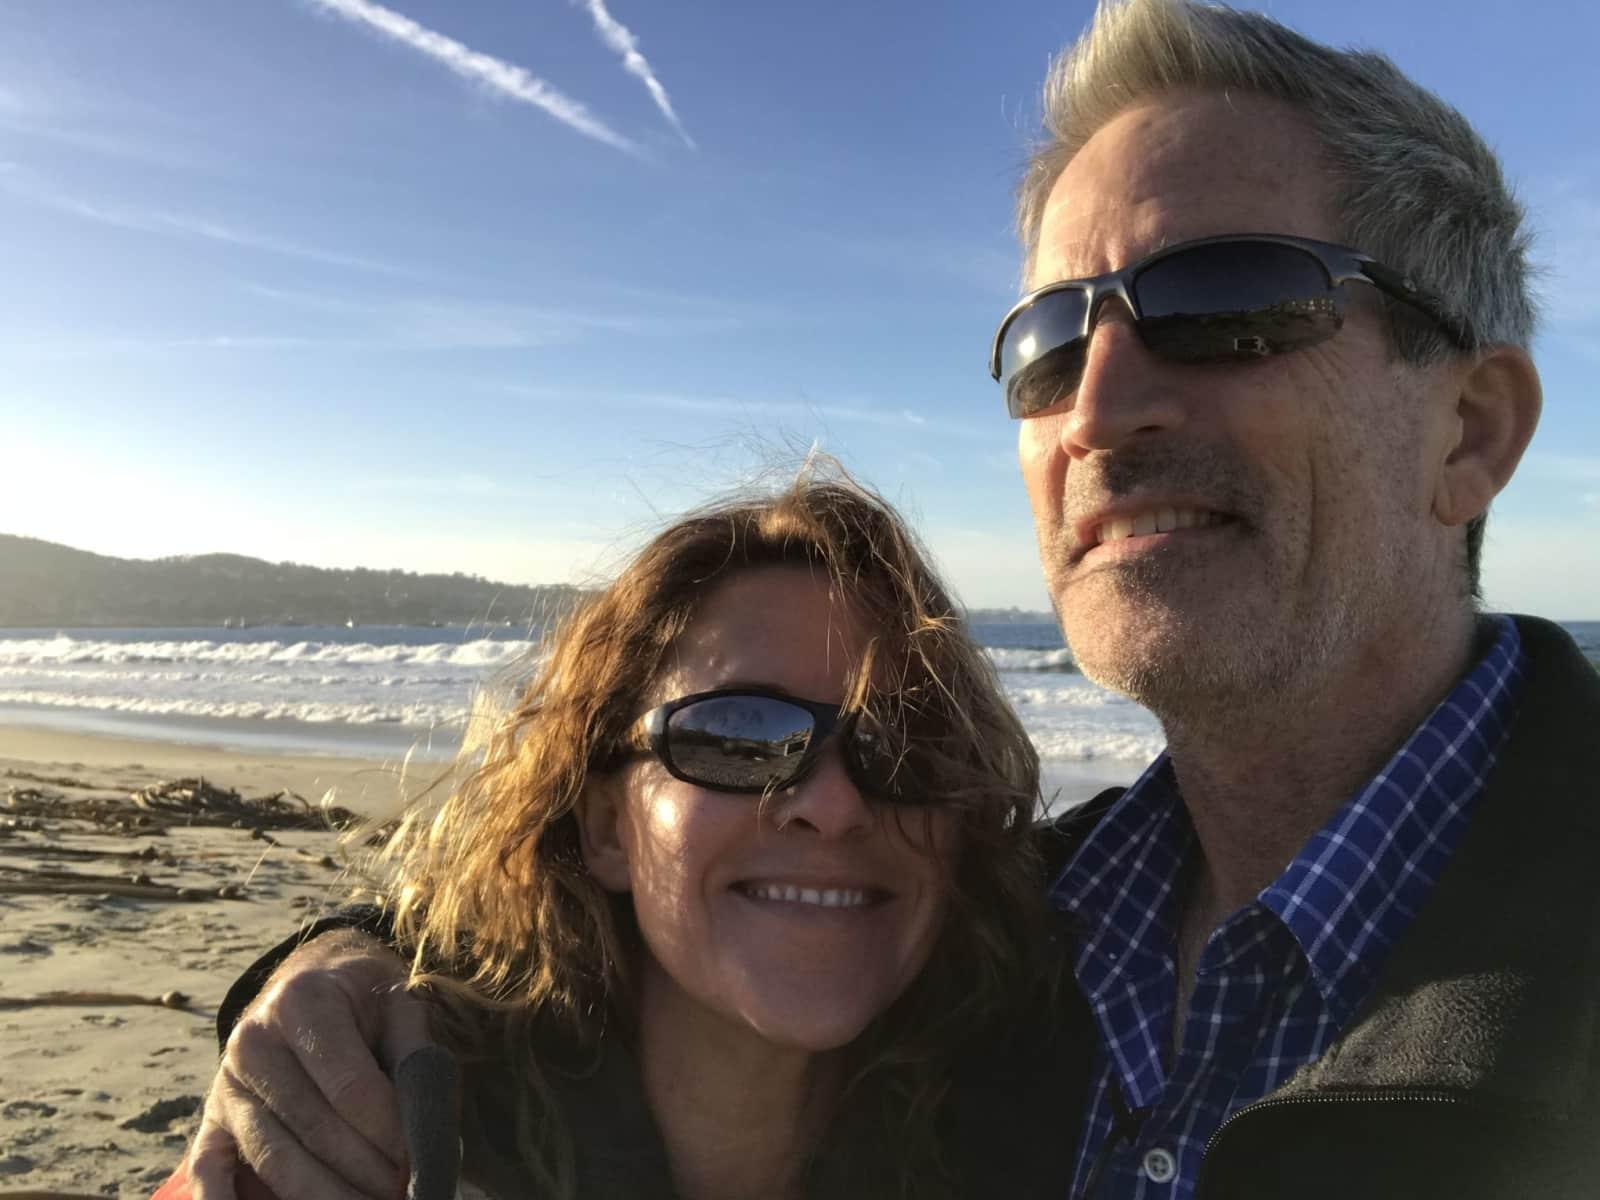 Wanda & Tom from Calgary, Alberta, Canada